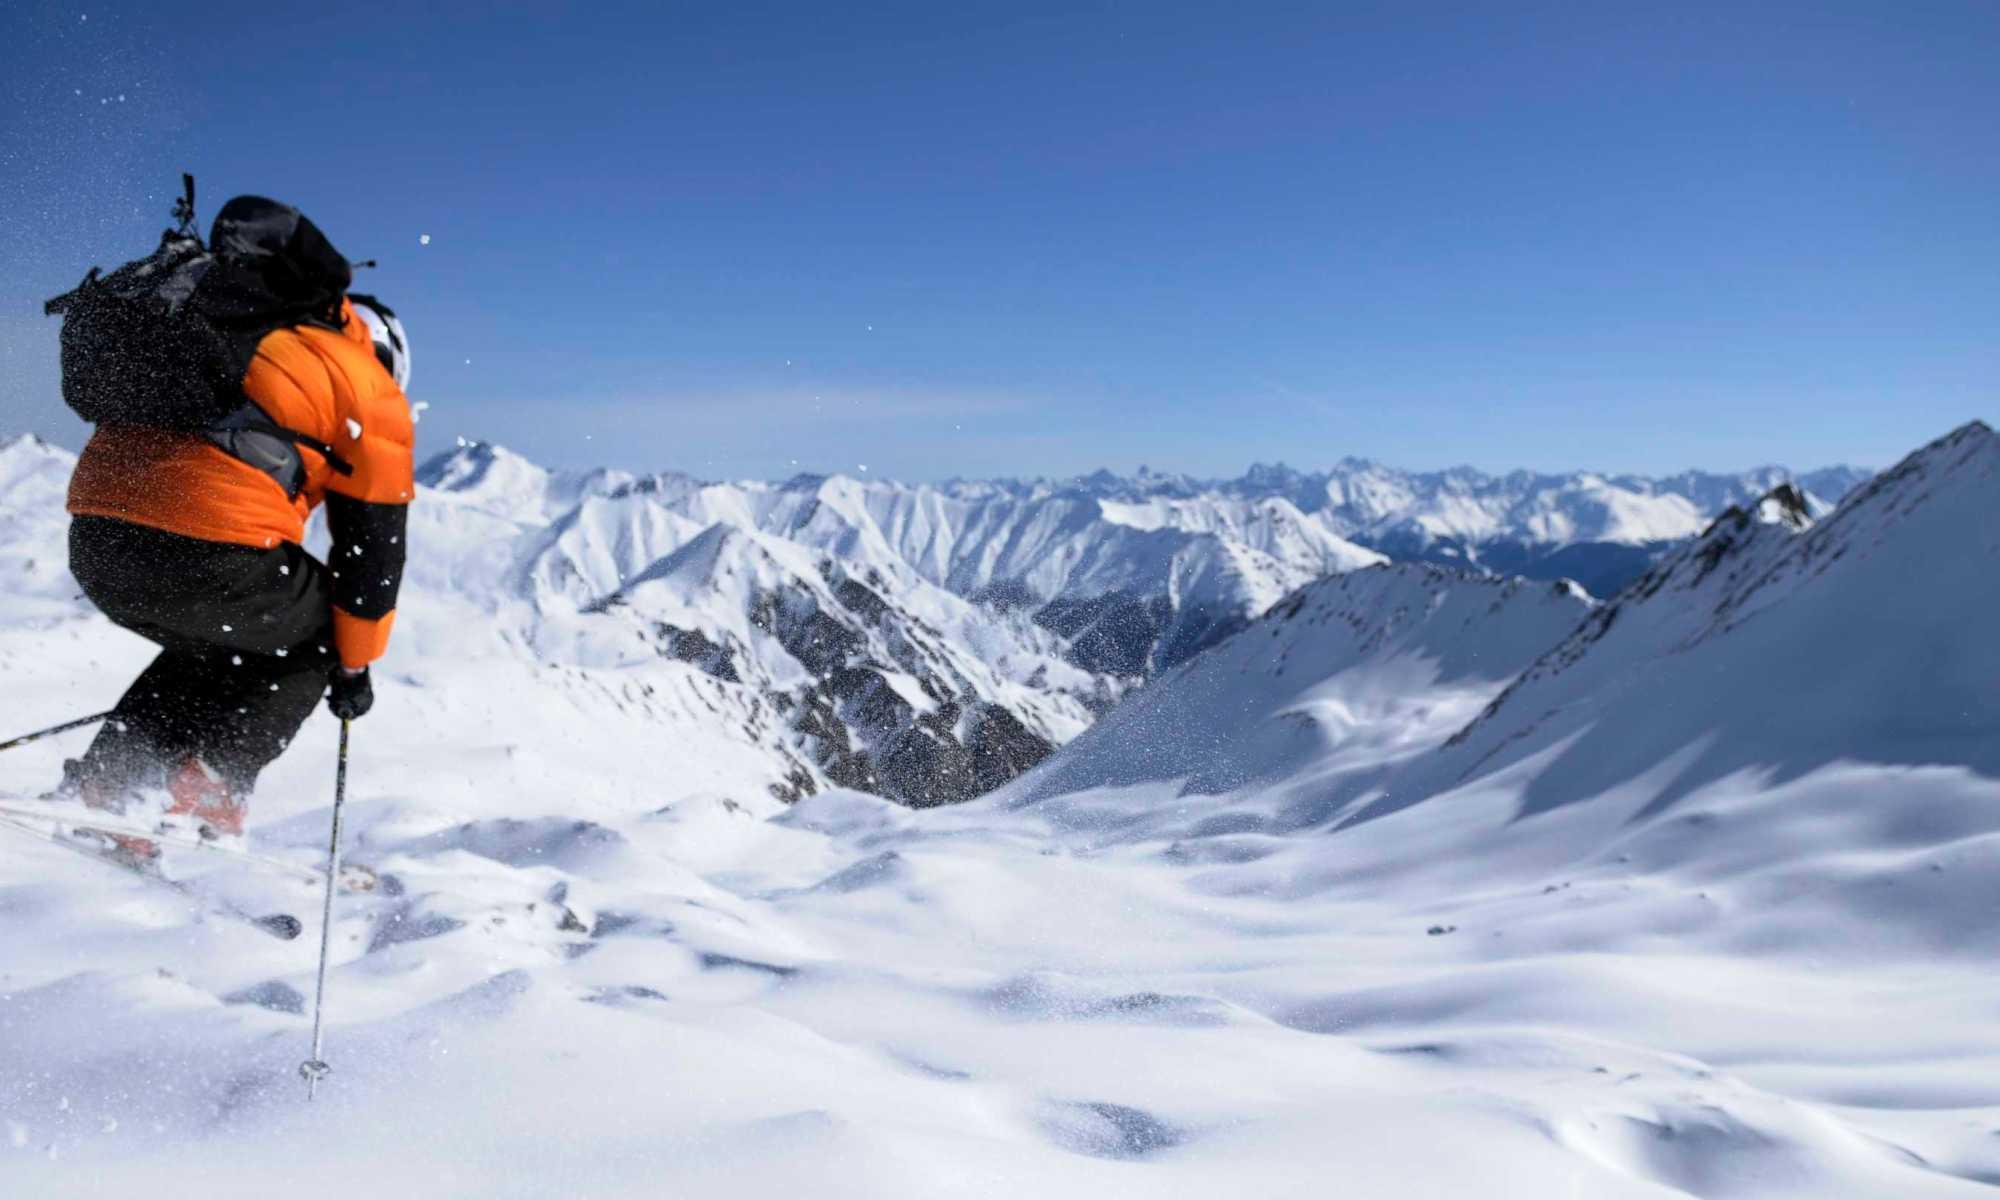 Alpe de Huez has great off-piste- Photo by Bureau Des Guides Alpe d'Huez